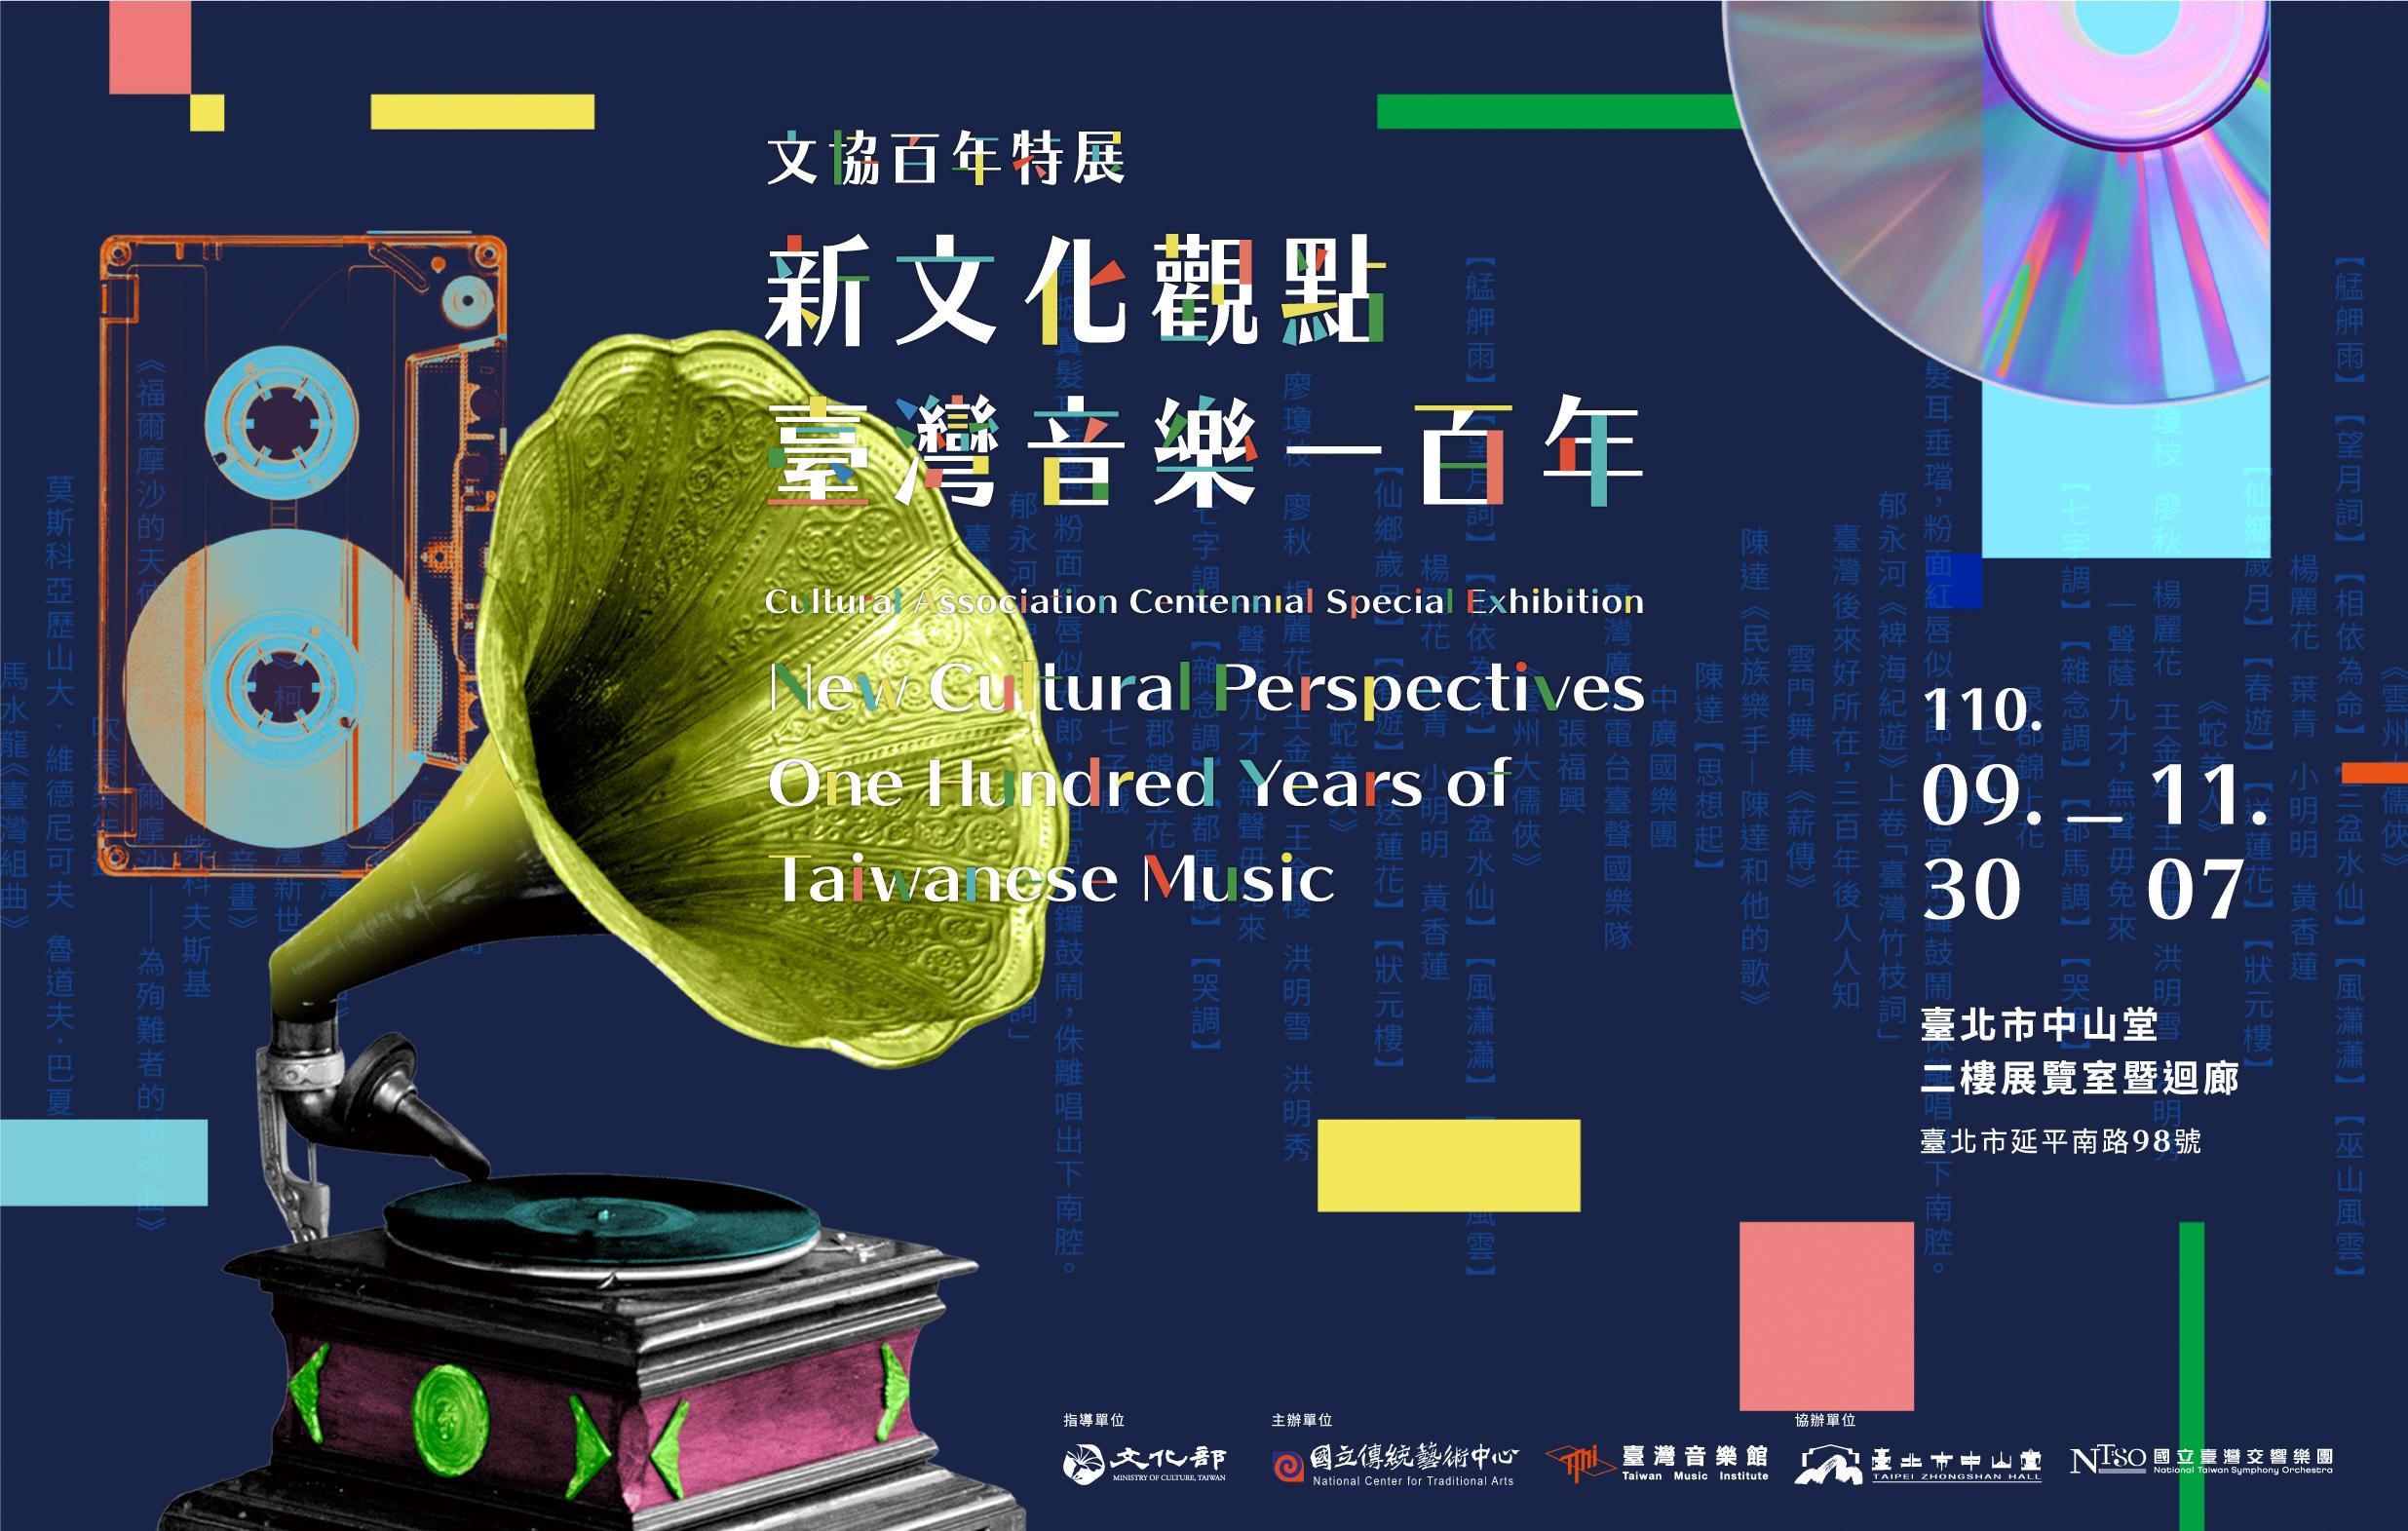 《新文化觀點 臺灣音樂一百年》文協百年特展